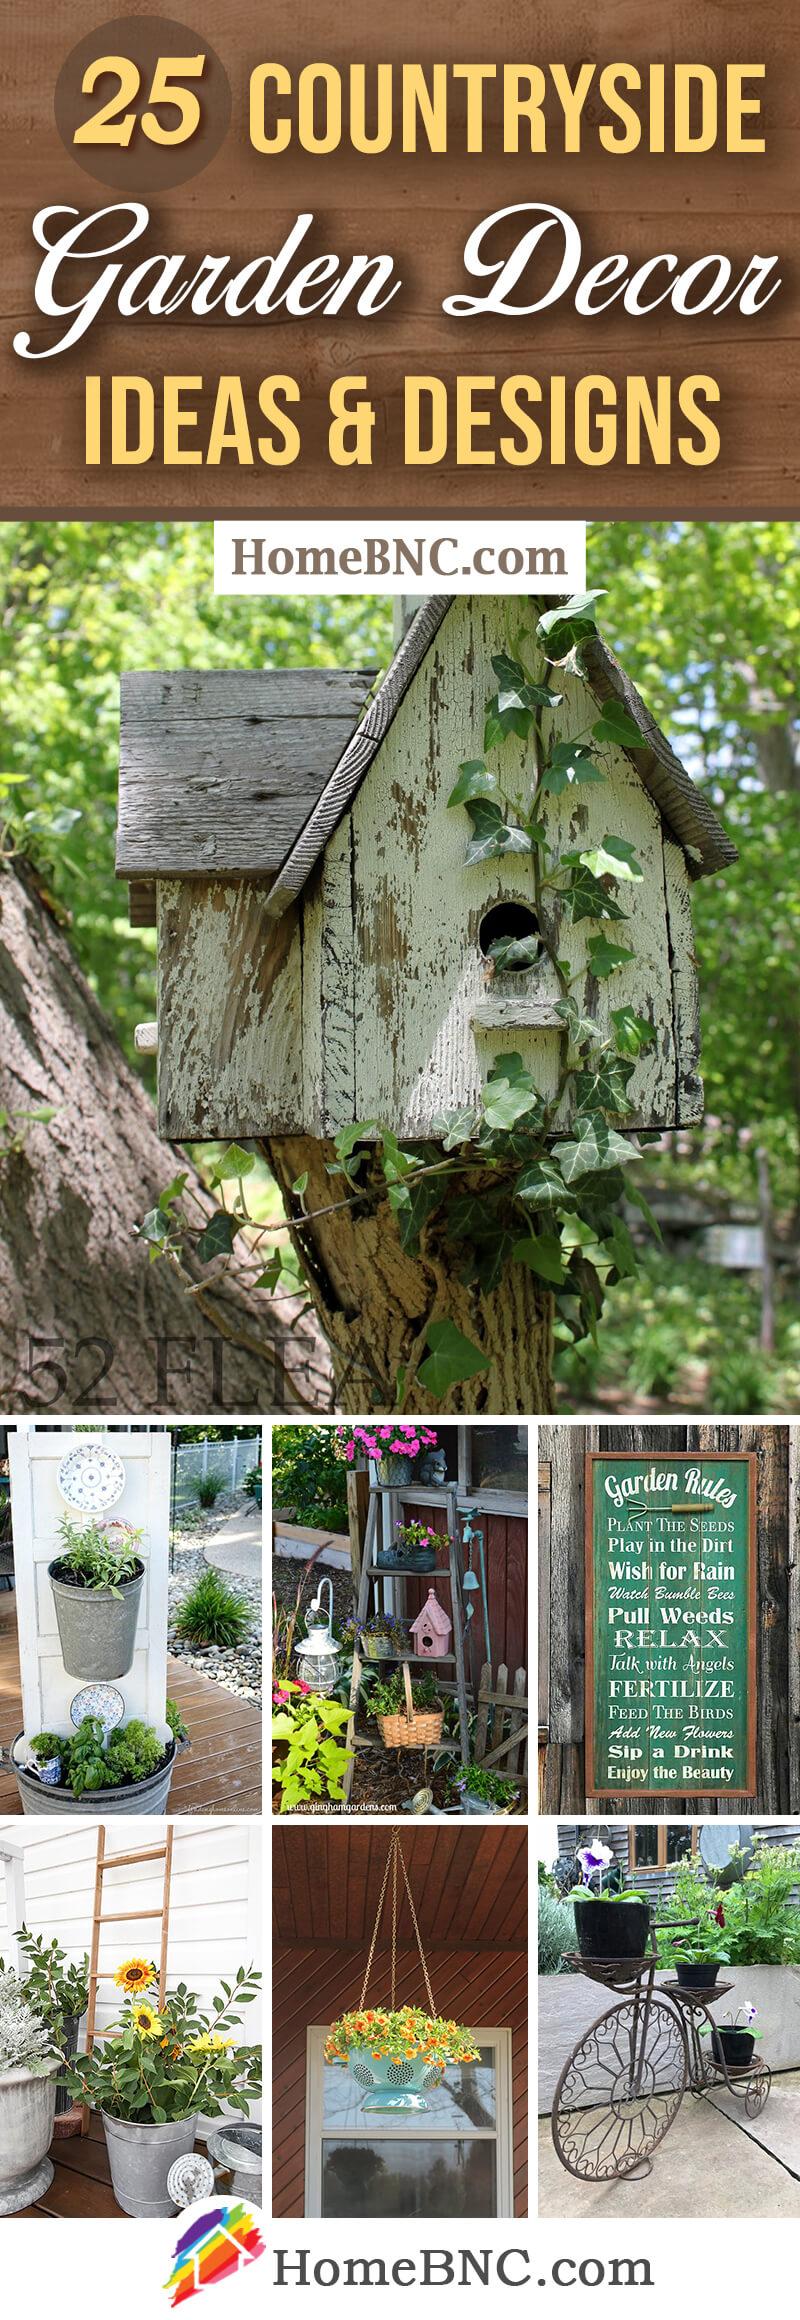 Countryside Garden Decor Ideas